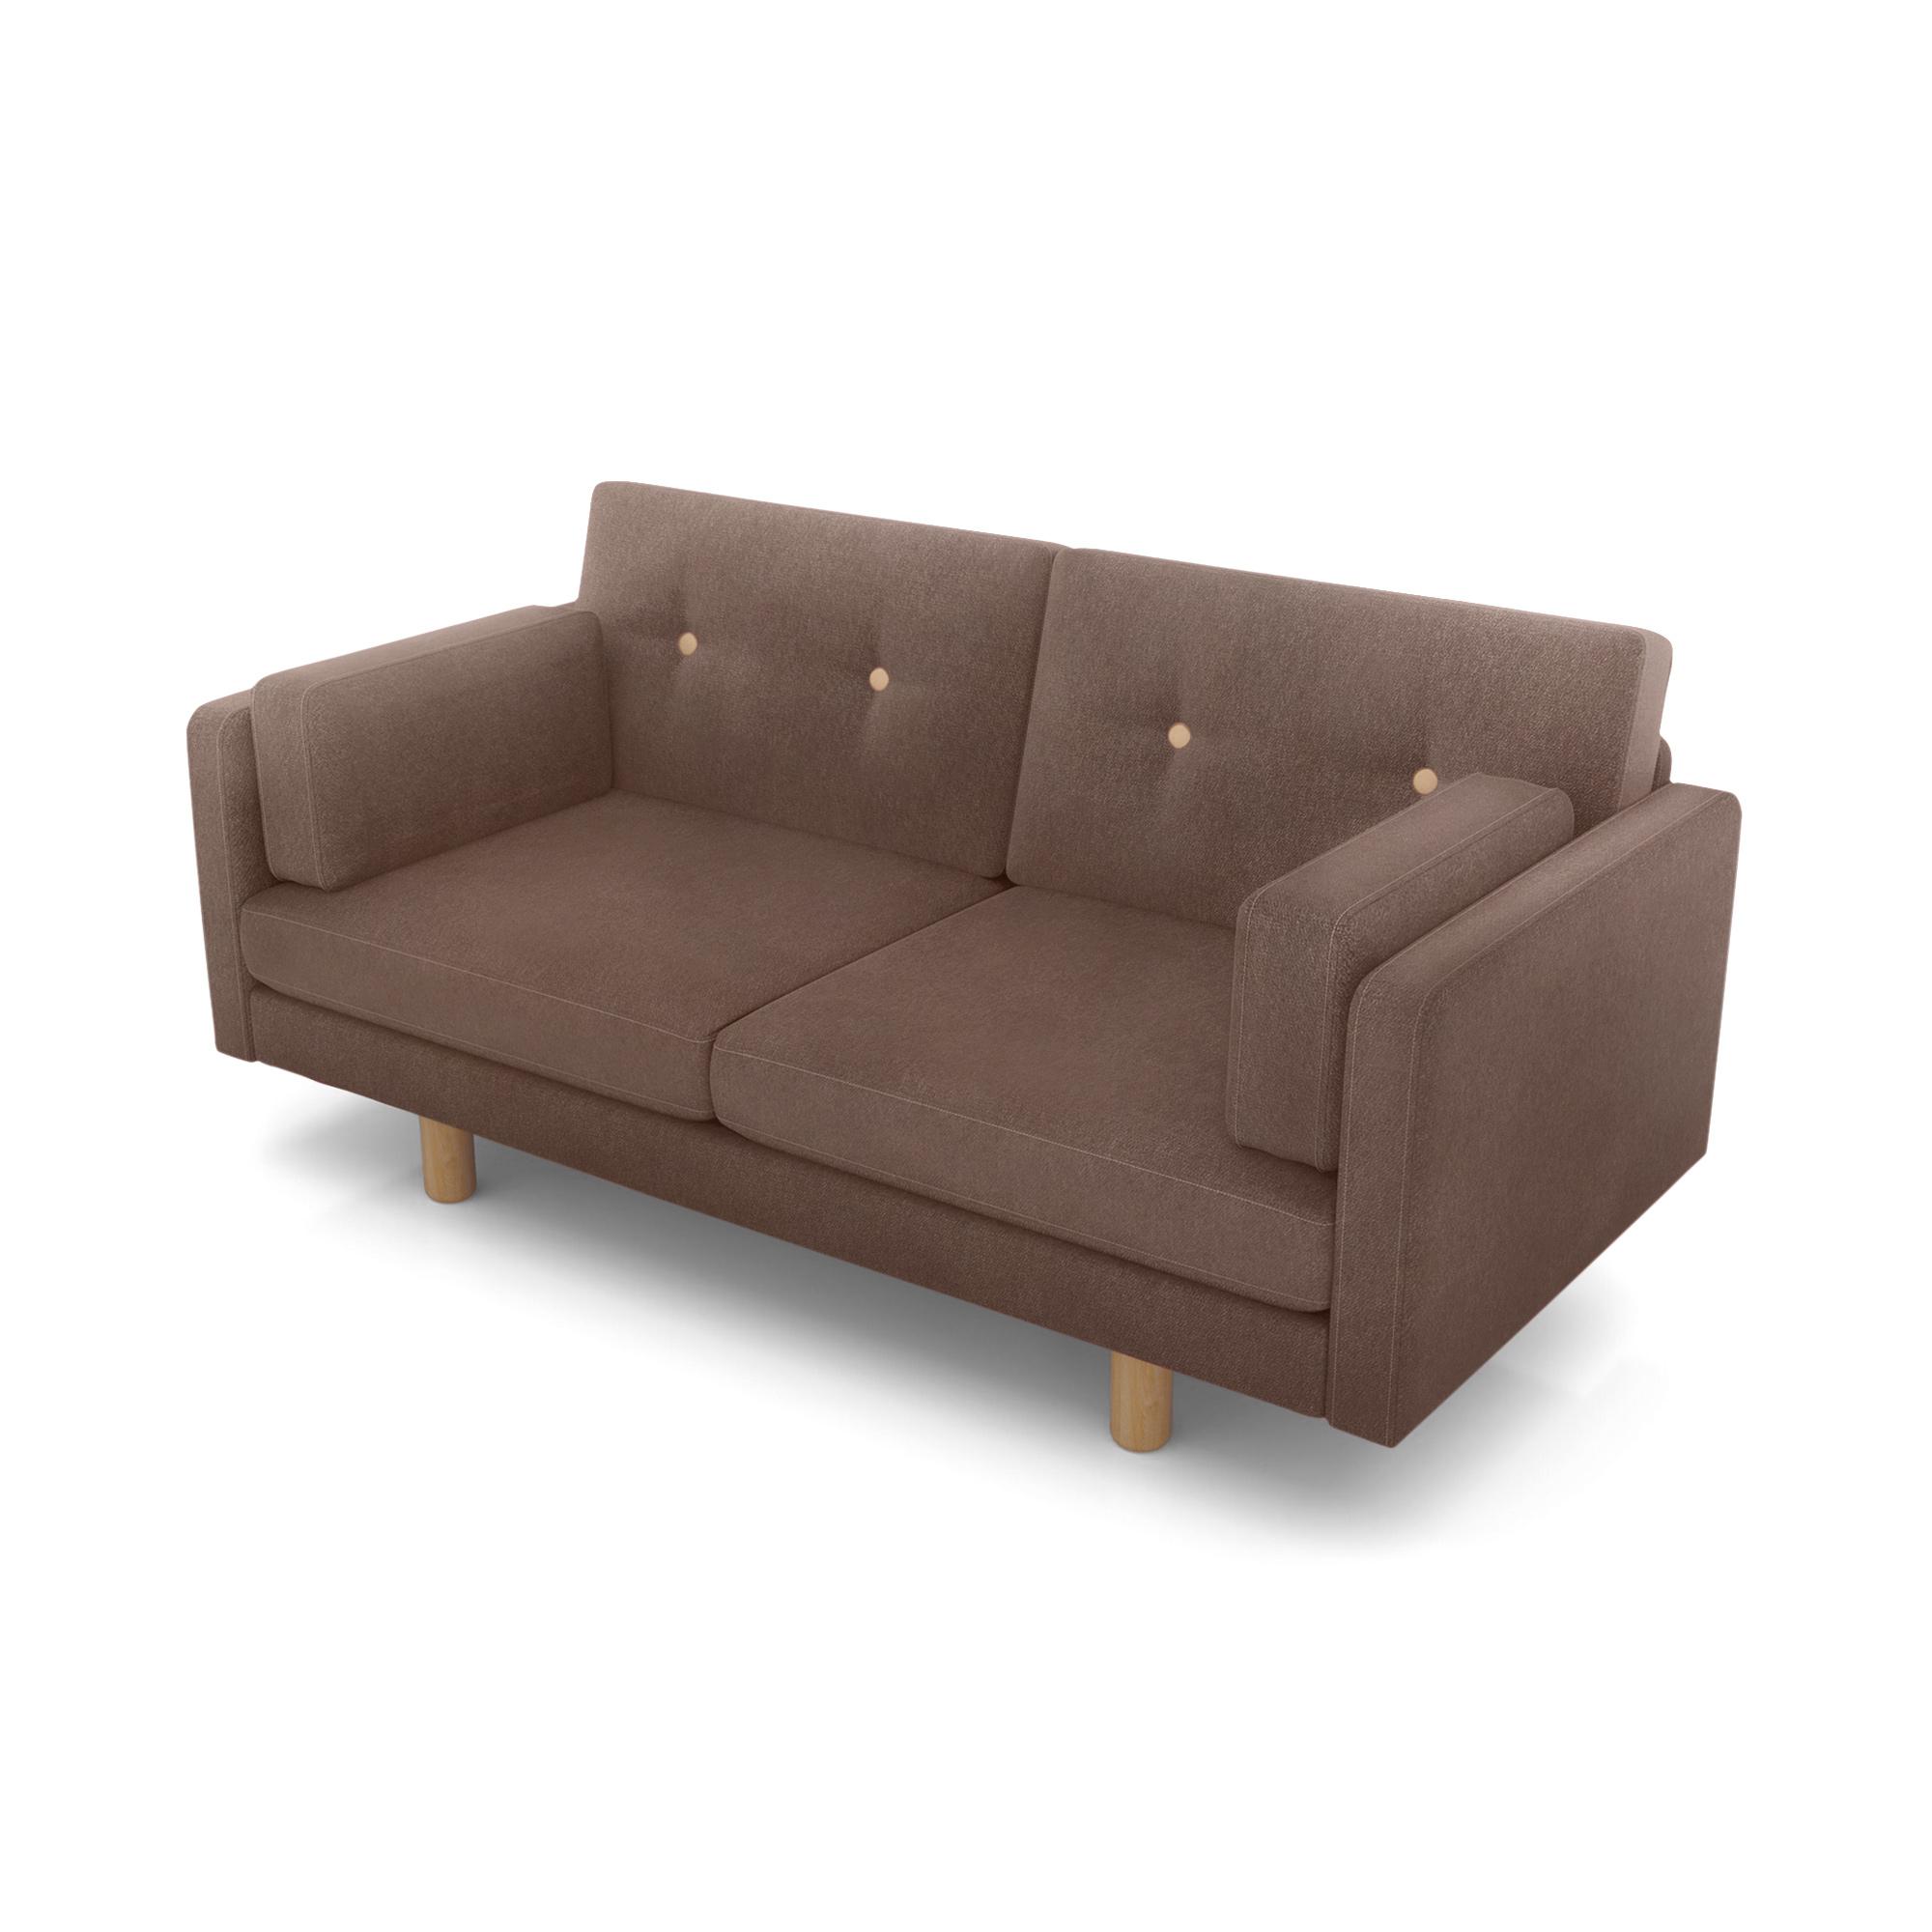 Фото - Диван AS Изабелла м 167x80x83 чоколейт диван as изабелла м 167x80x83 синий